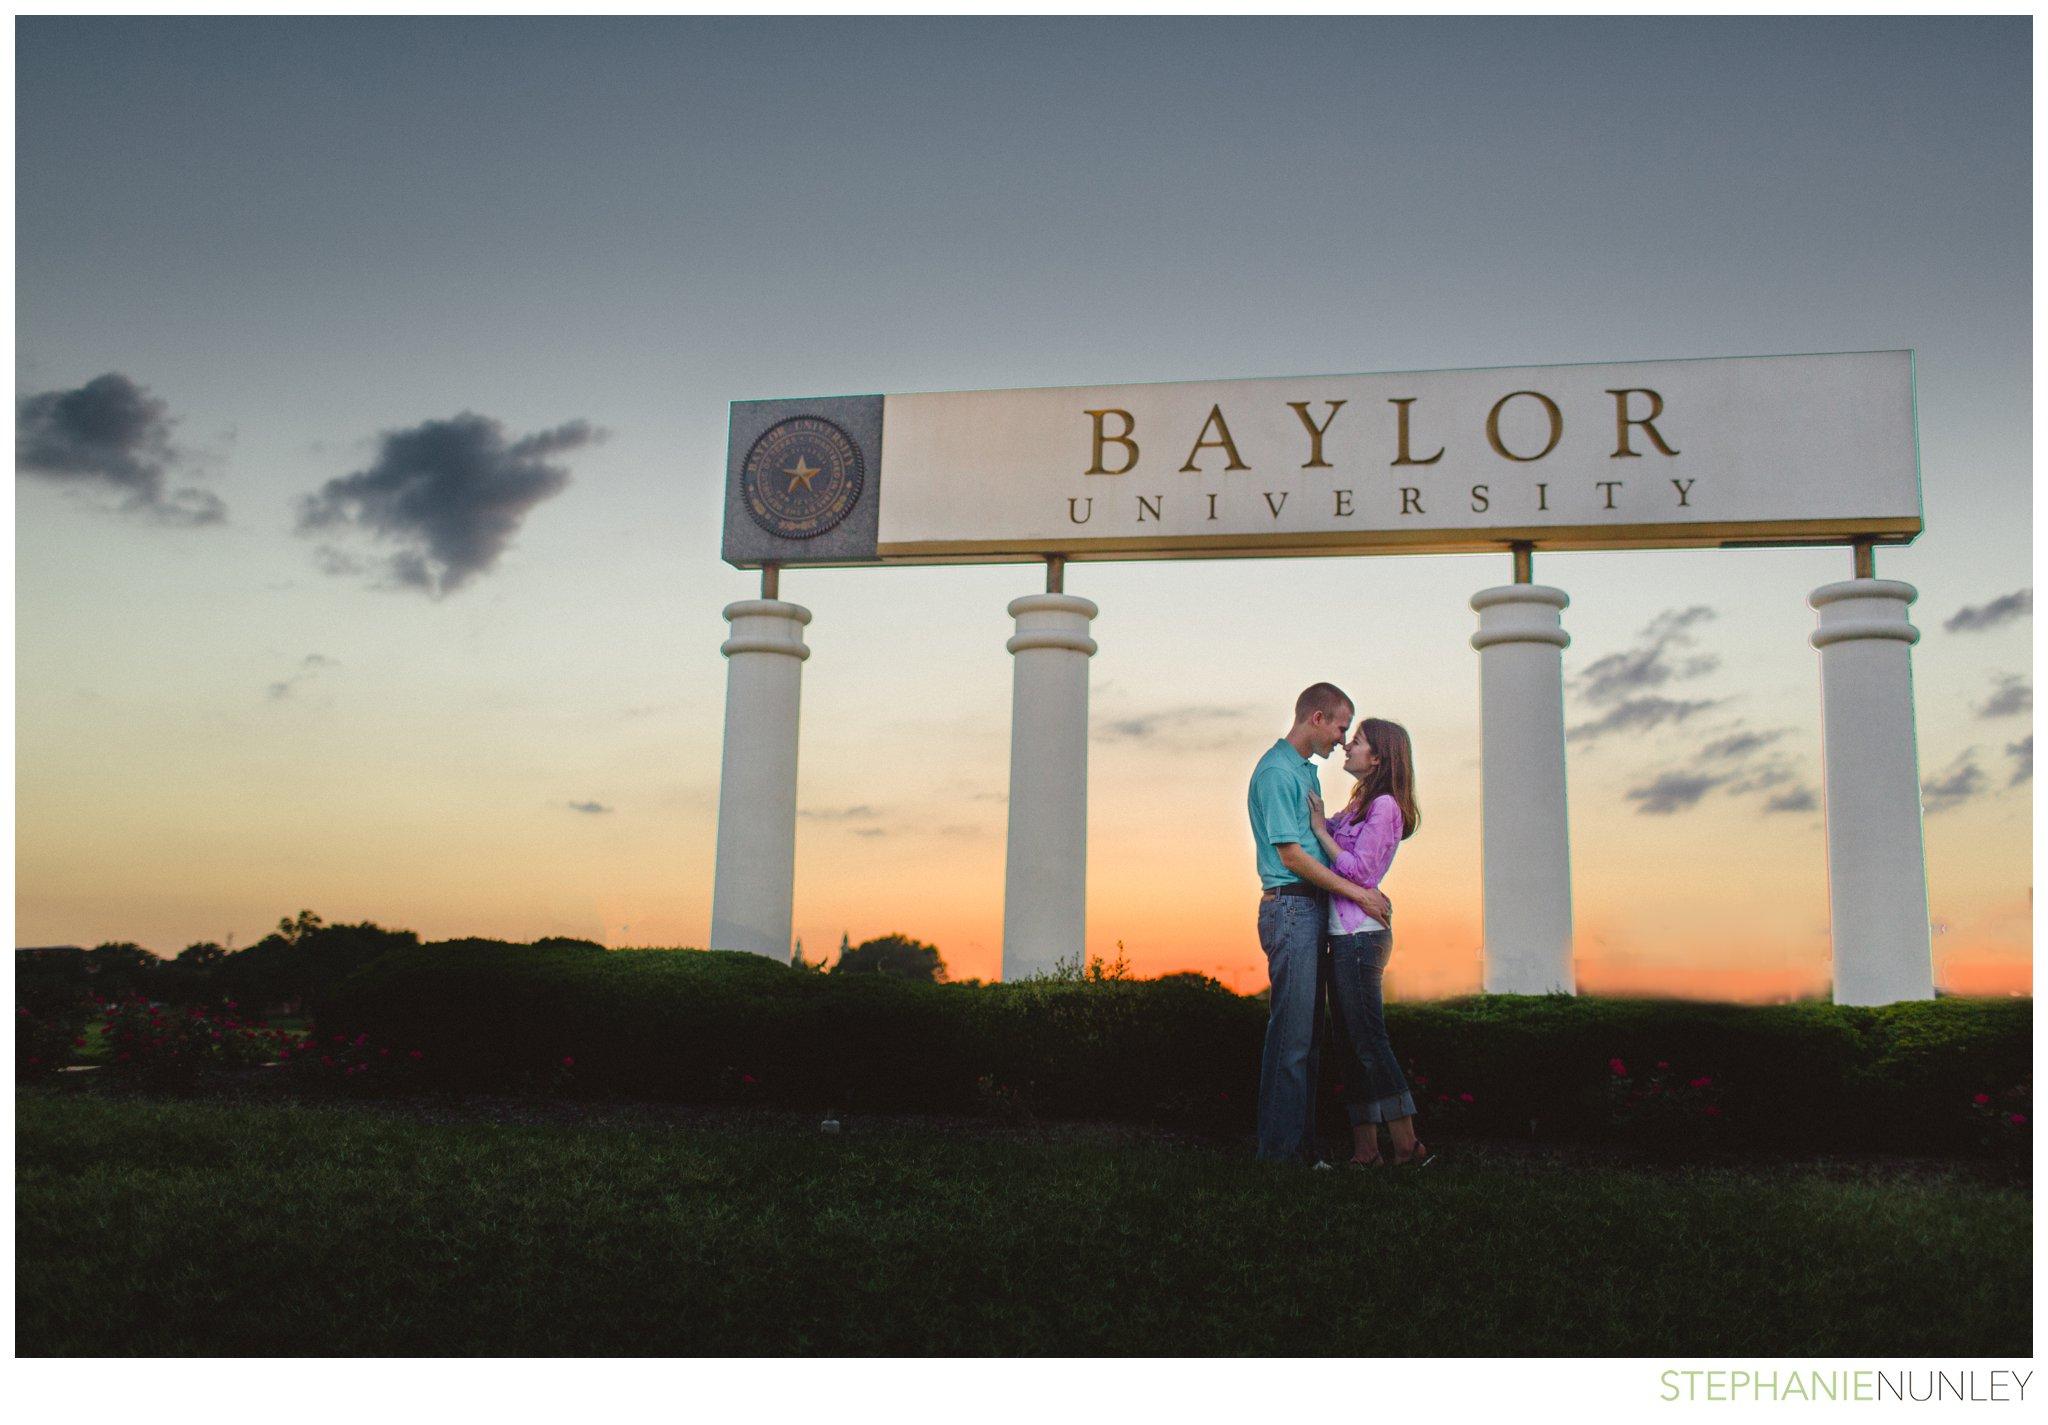 baylor-university-engagement-photography-033